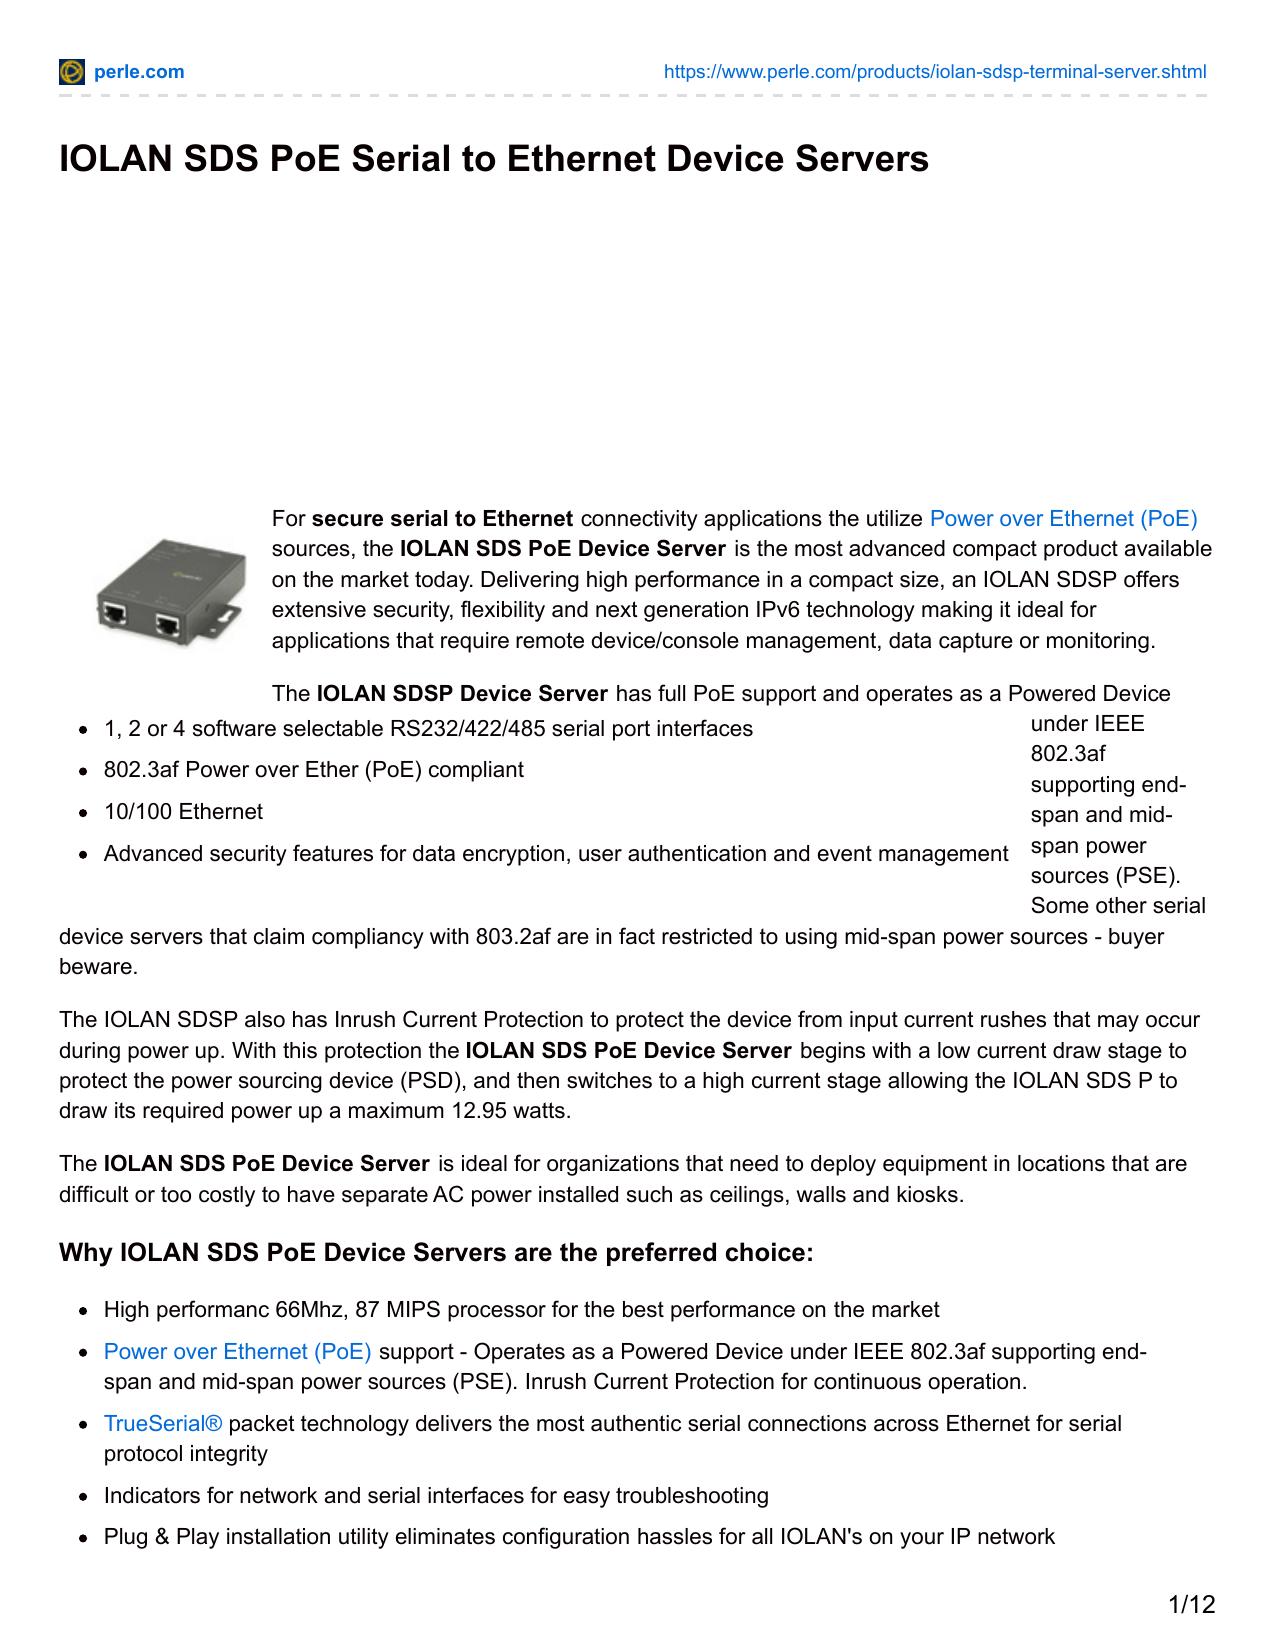 IOLAN SDS PoE Serial to Ethernet Device Servers | manualzz com